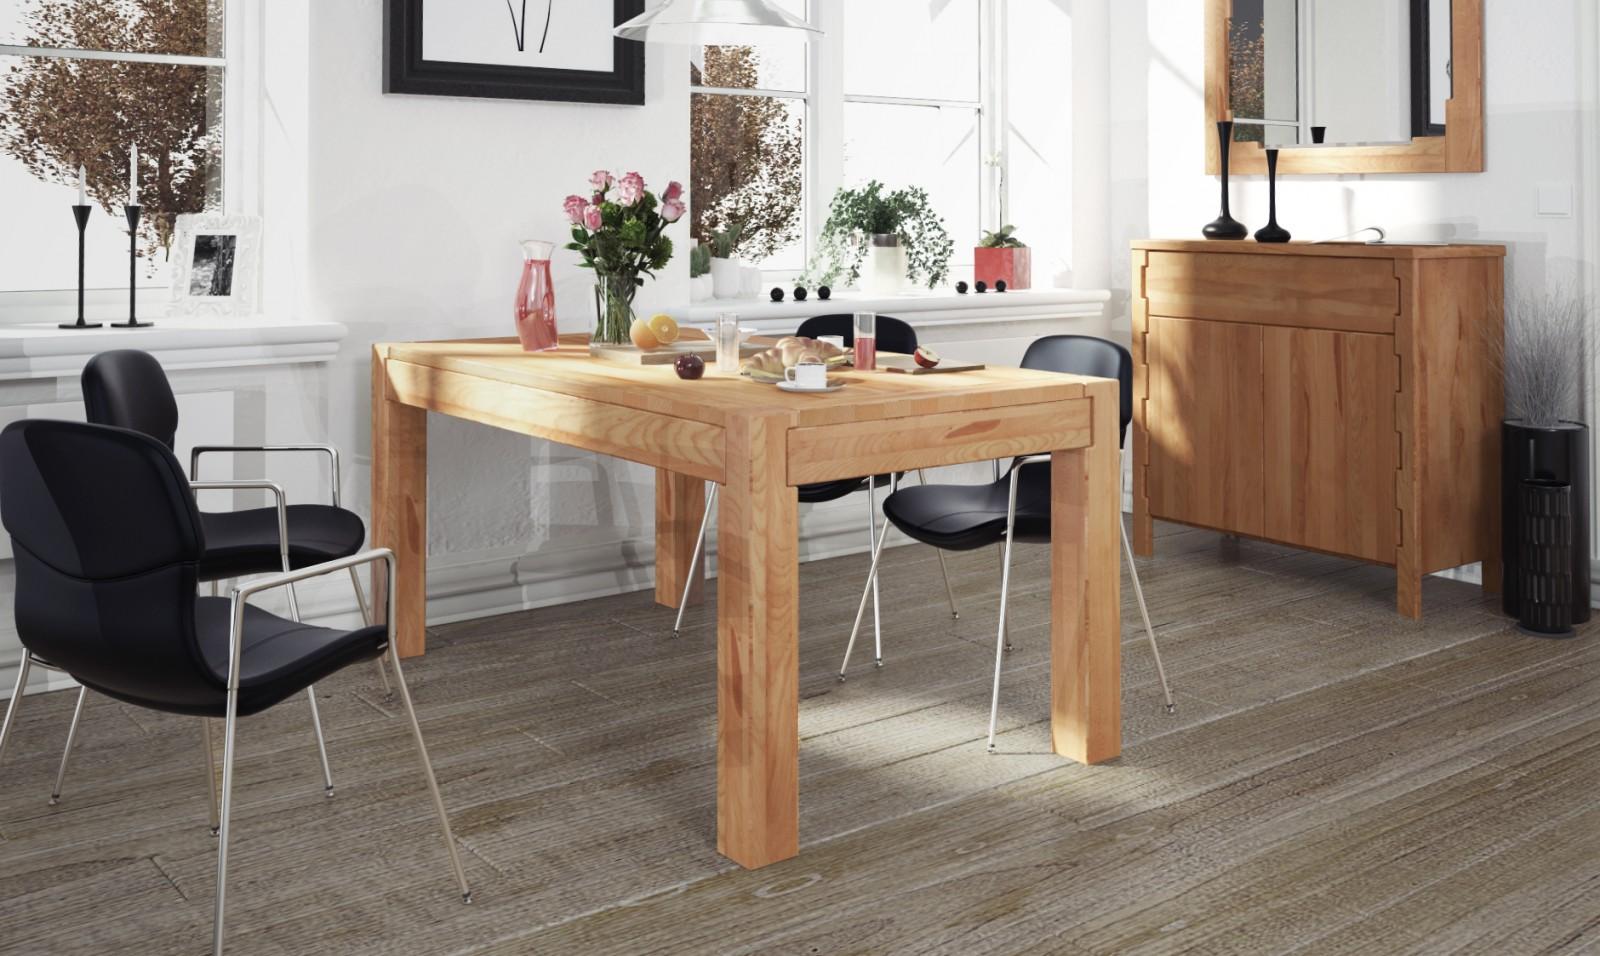 Pięknie zadbane meble drewniane w jadalni